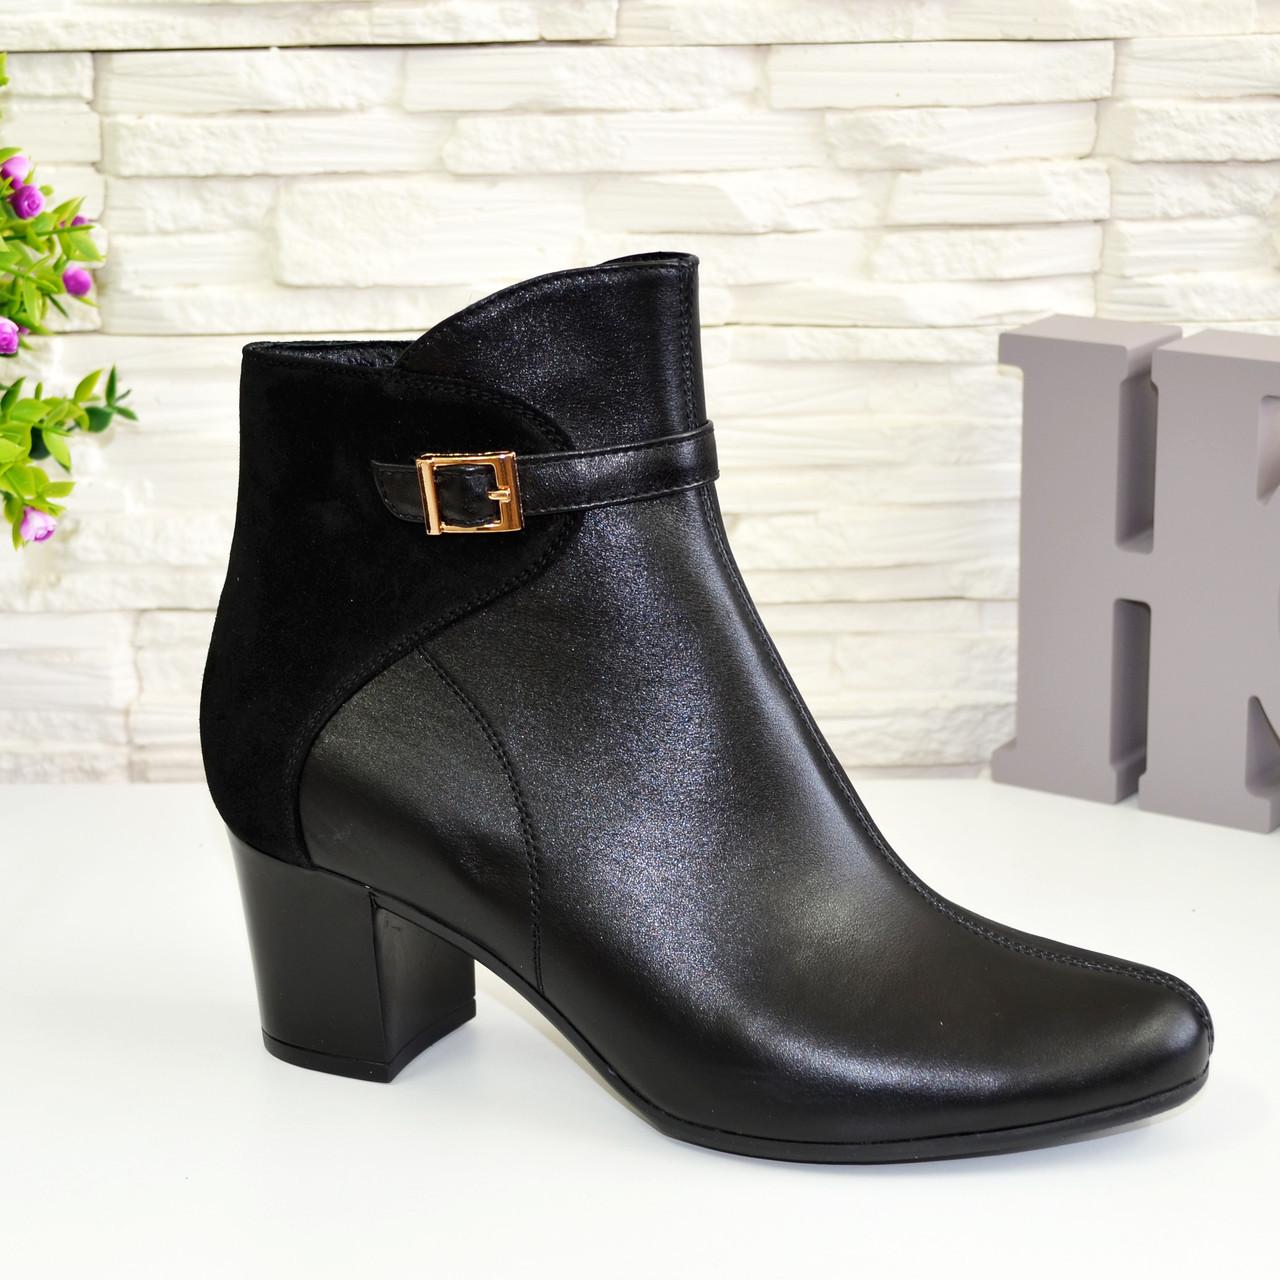 Женские черные демисезонные ботинки на невысоком каблуке. Натуральная кожа и замш.